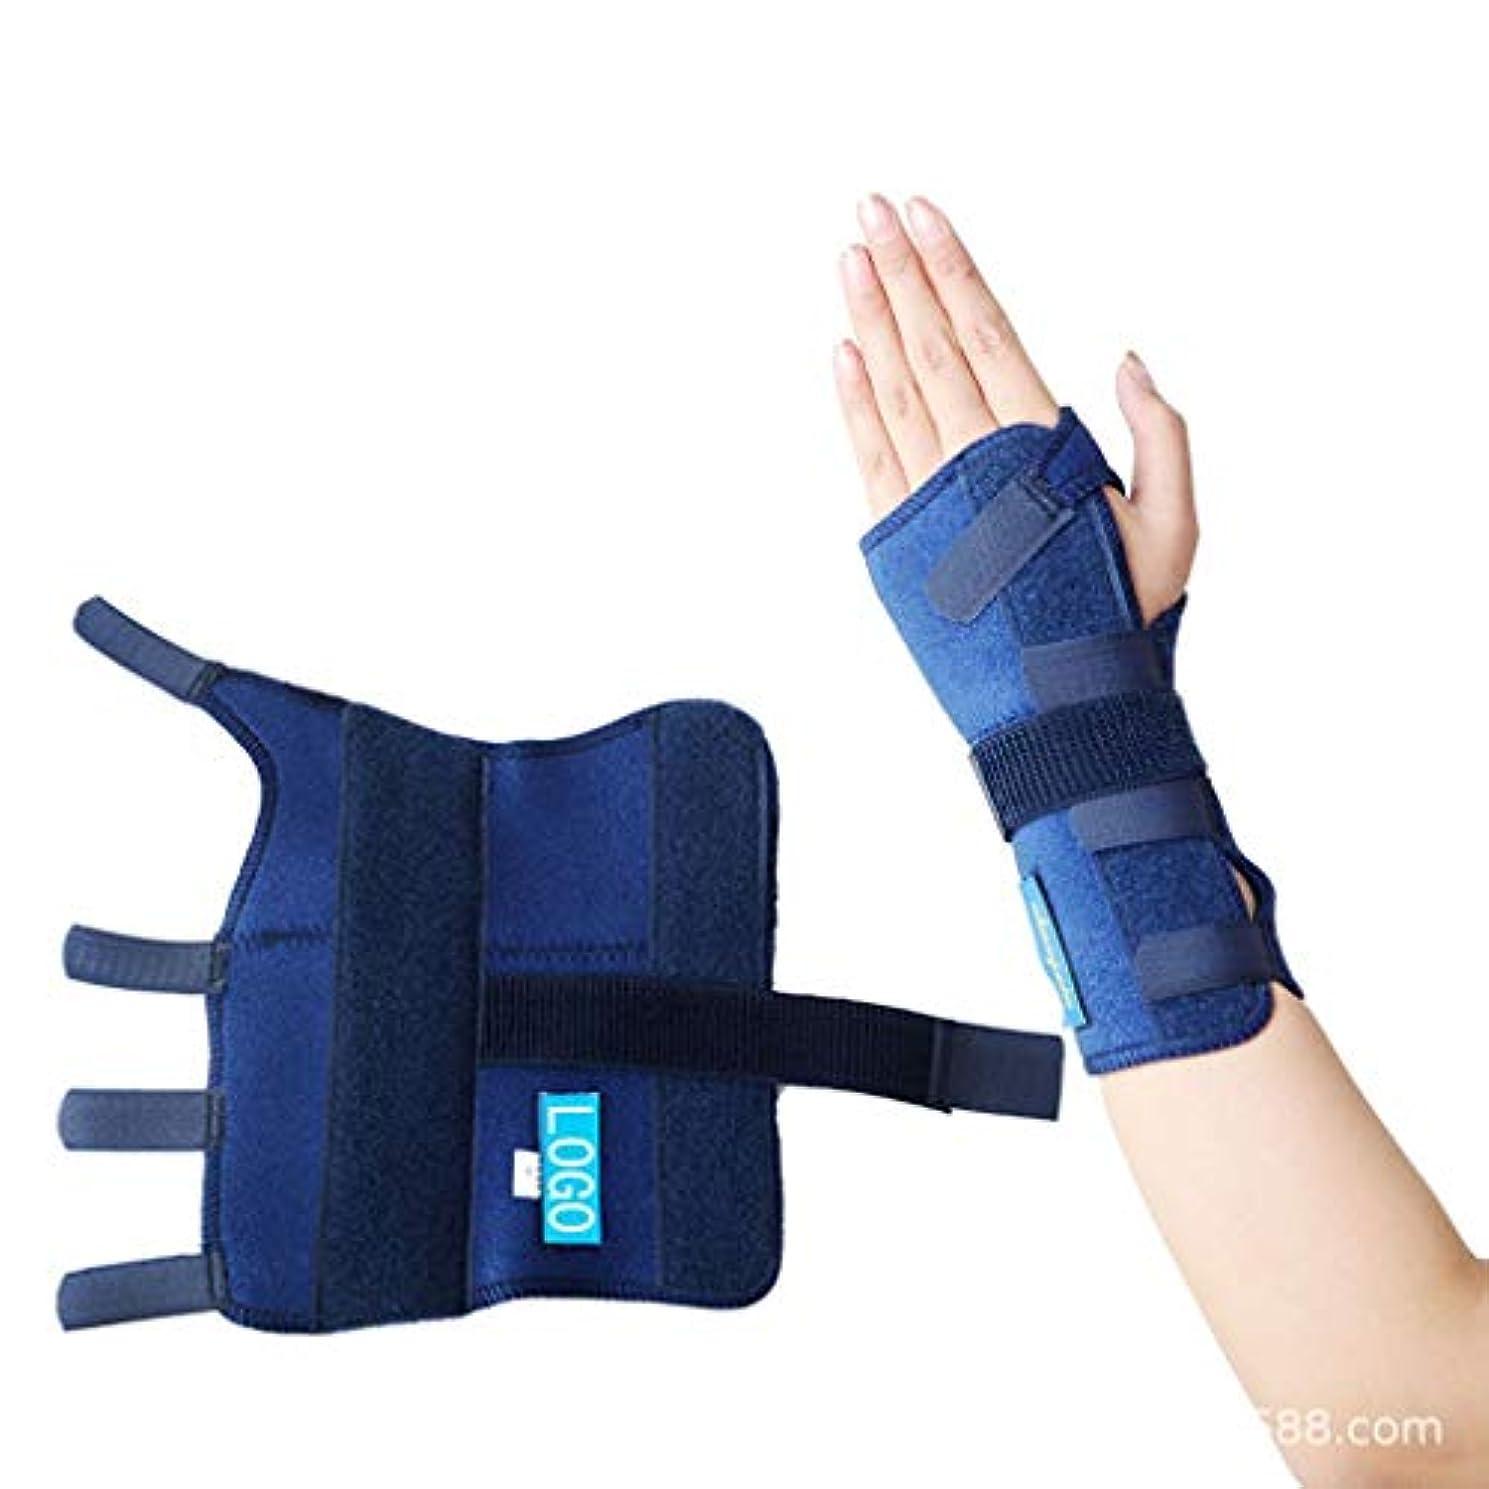 コーチ最も早い抽出レリーフブレースコレクター親指手首傷害回復スプリント指セパレーター手矯正手根管関節痛リリーフコレクター指スプリント,Bluerighthand,XL